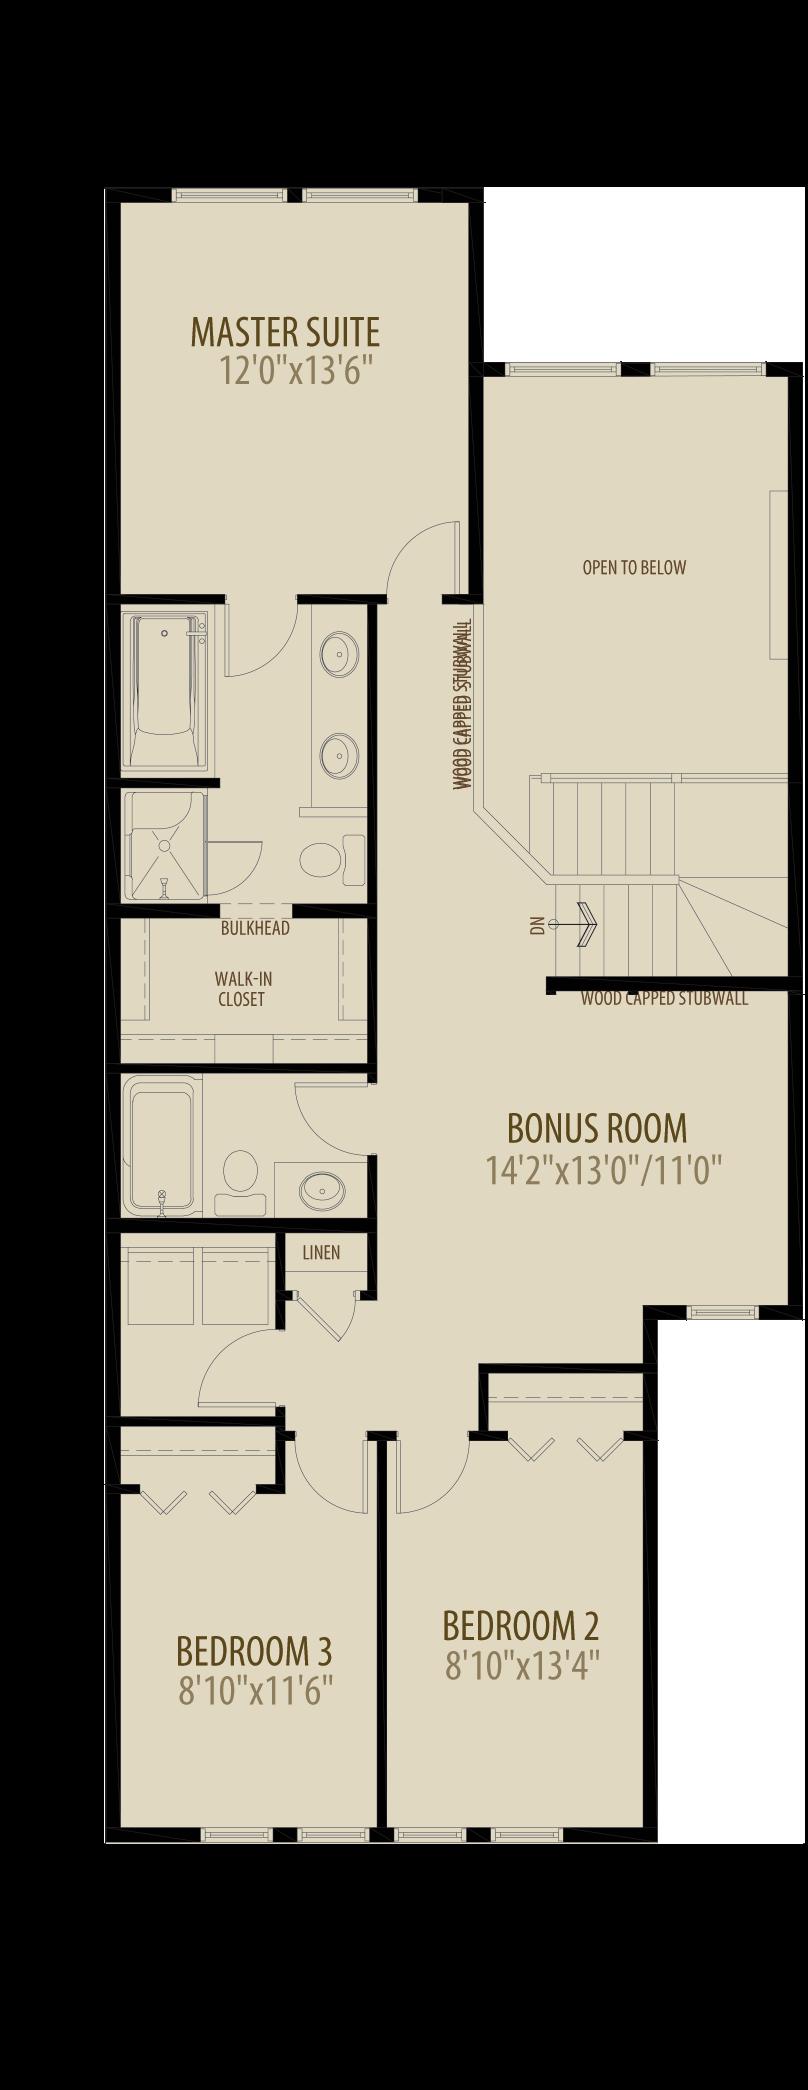 Open To Below Bonus Room Removes 55 sq ft Upper